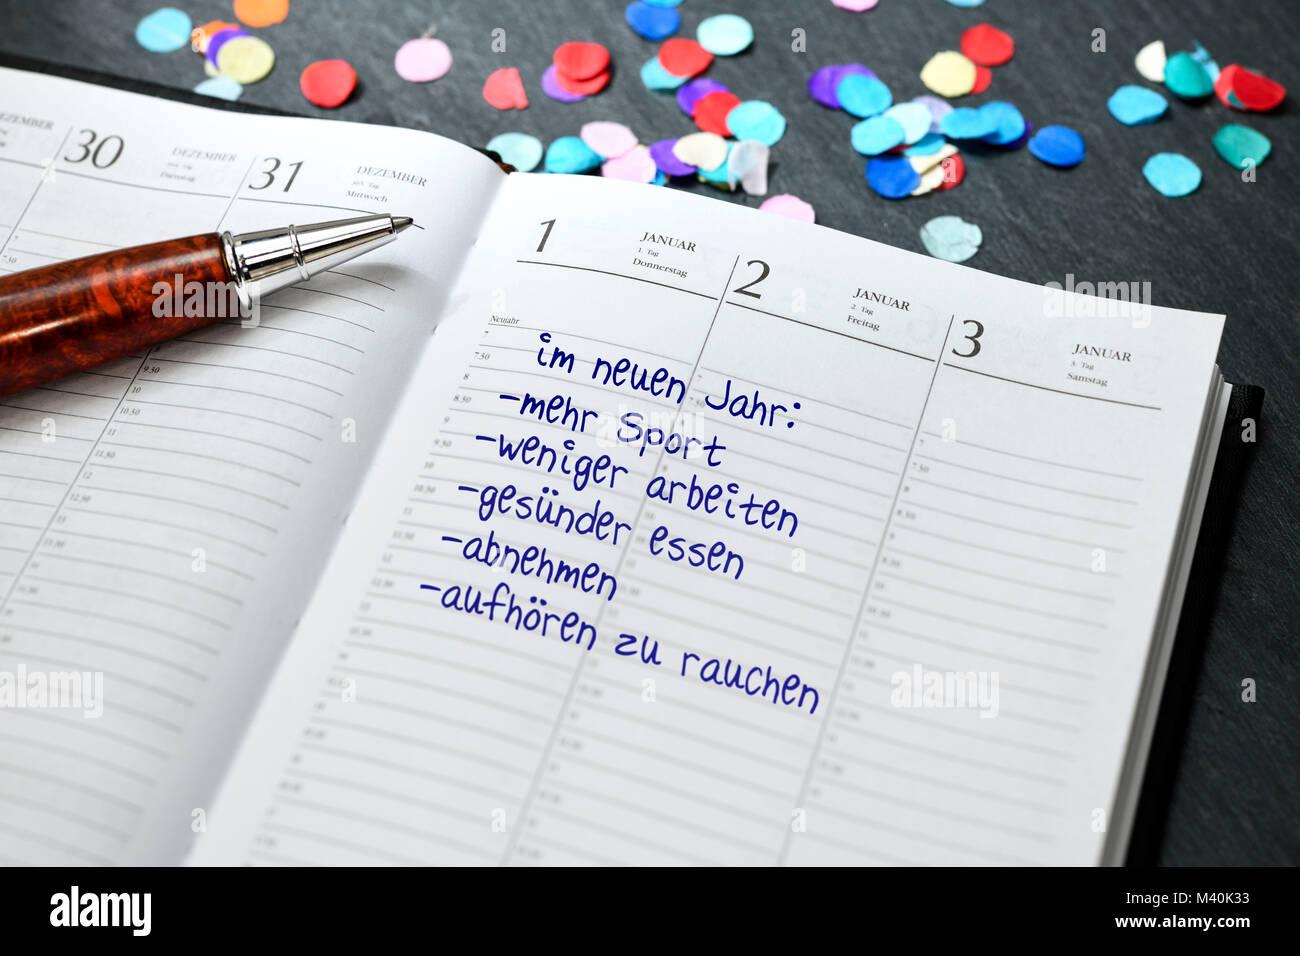 Calendar with good intentions for the new year, Kalender mit guten Vorsätzen für das neue Jahr Stock Photo